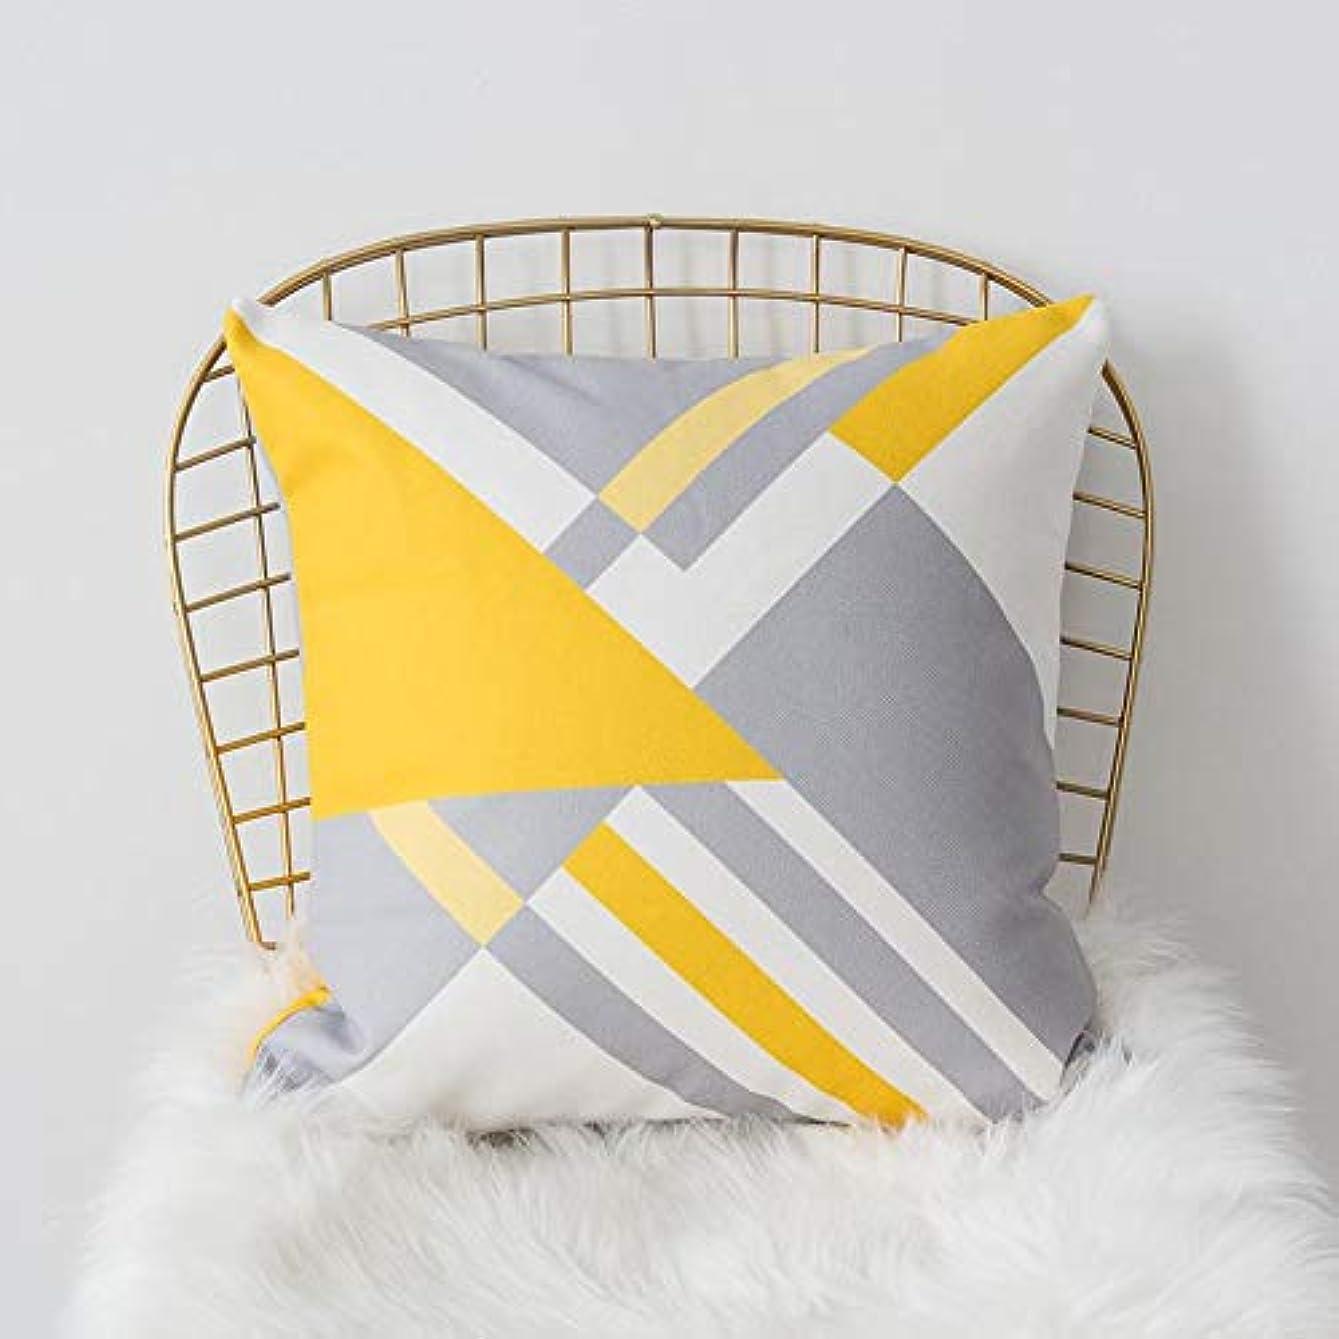 株式会社学士告白するSMART 黄色グレー枕北欧スタイル黄色ヘラジカ幾何枕リビングルームのインテリアソファクッション Cojines 装飾良質 クッション 椅子